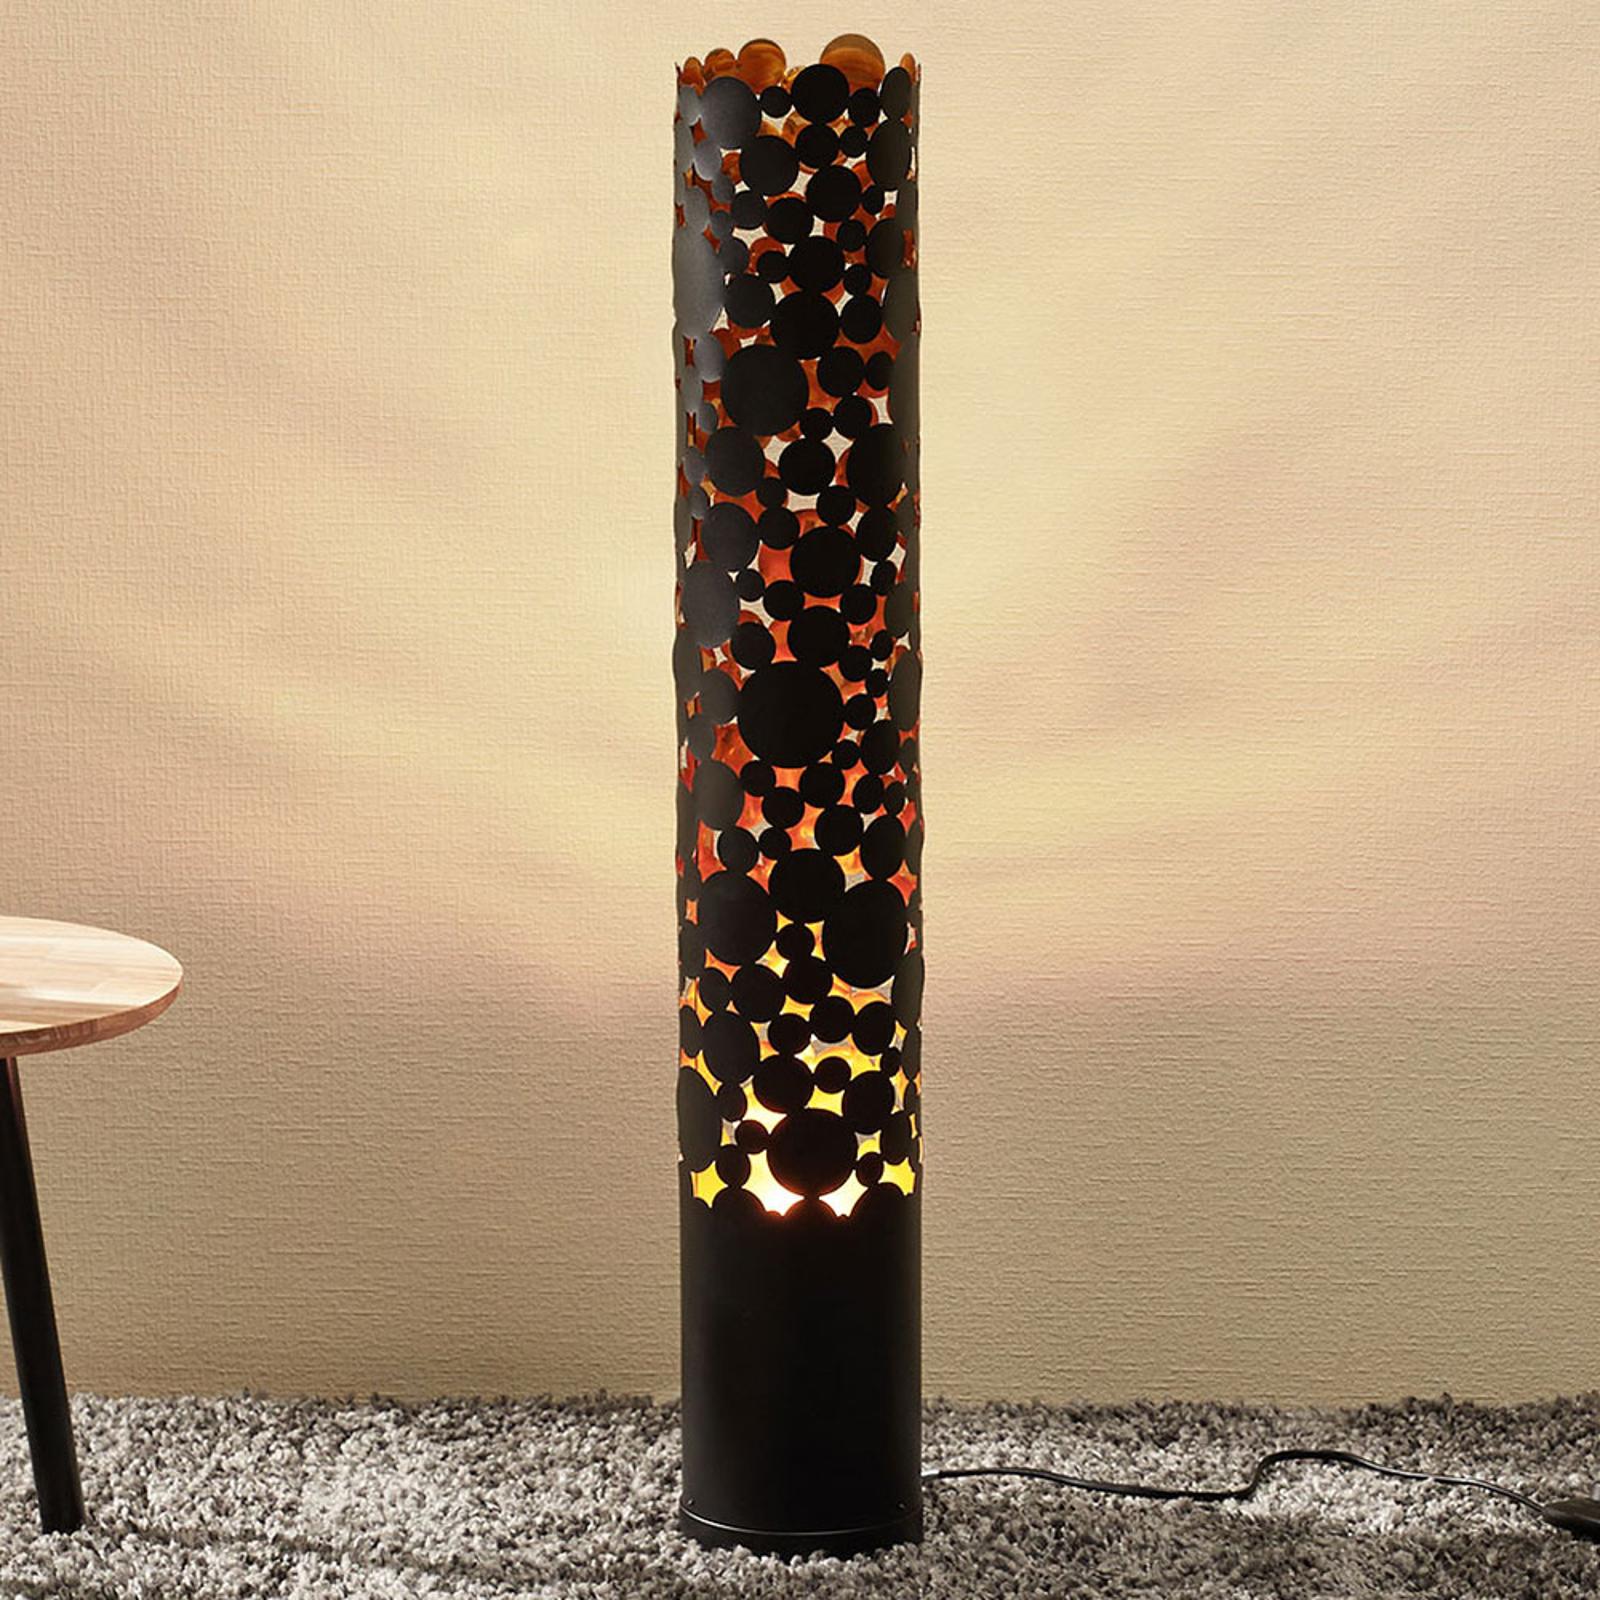 Lampadaire LED Coins effet flamme, noir